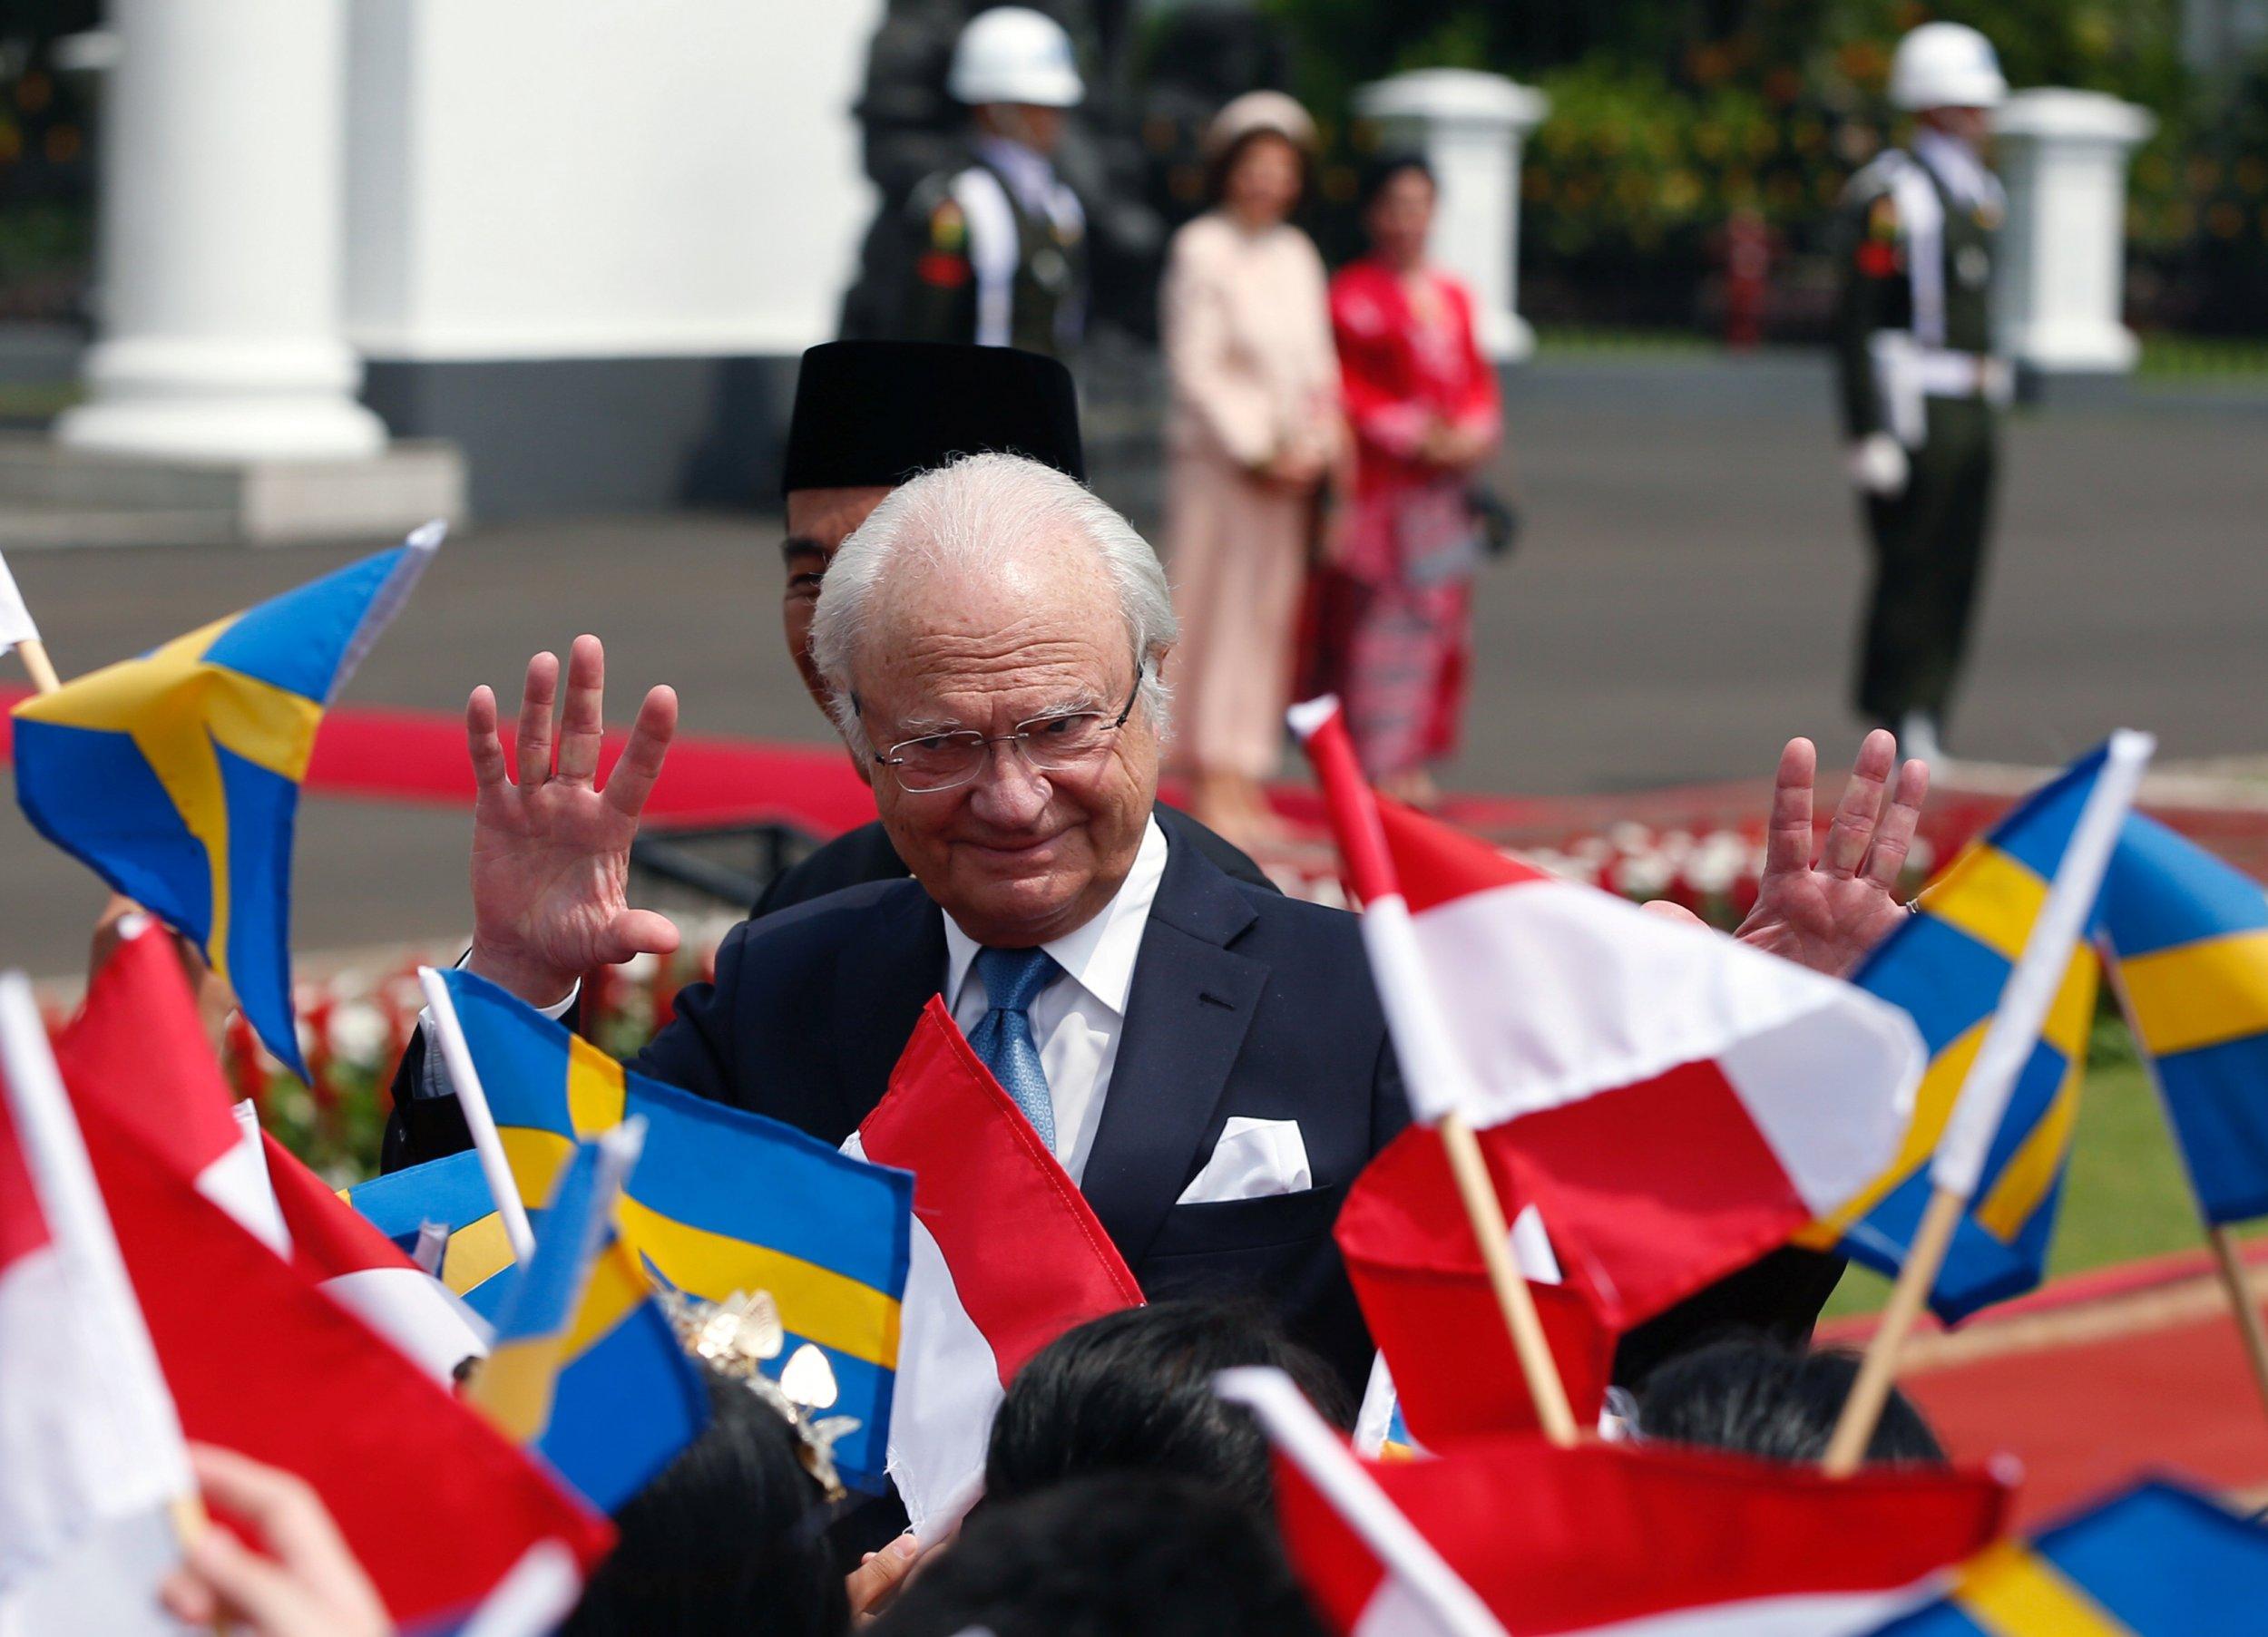 Swedish king